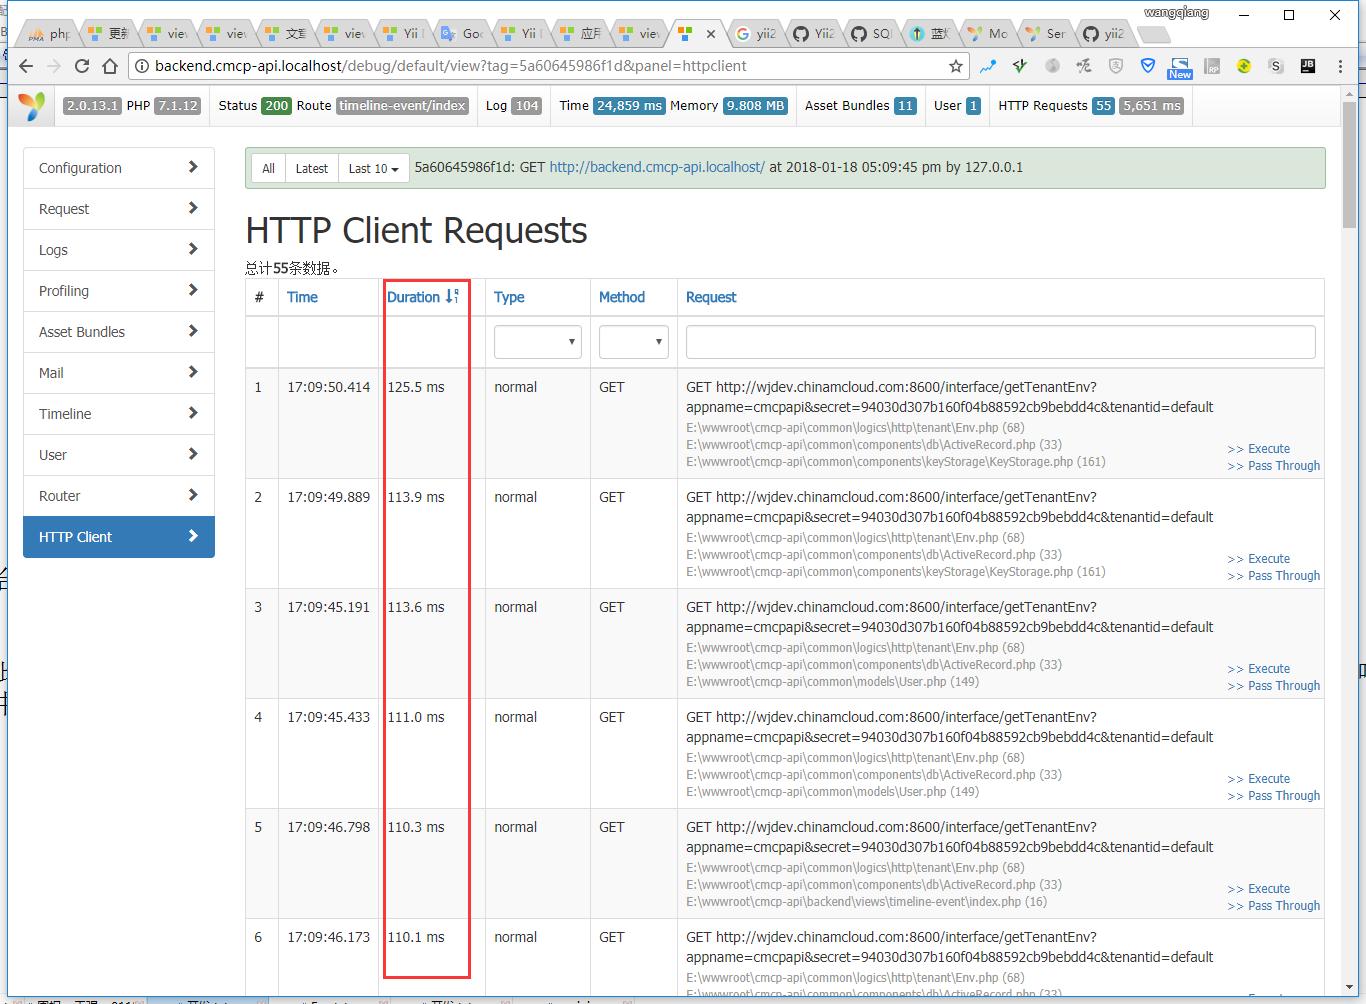 至此,数据库连接时的动态配置,配置属性来源于多租户系统已经基本上实现了,后续应该会实现缓存(多租户系统的响应),因为一次请求中,对于多租户系统的HTTP请求多达上百次,而每次HTTP请求平均耗时为100ms左右